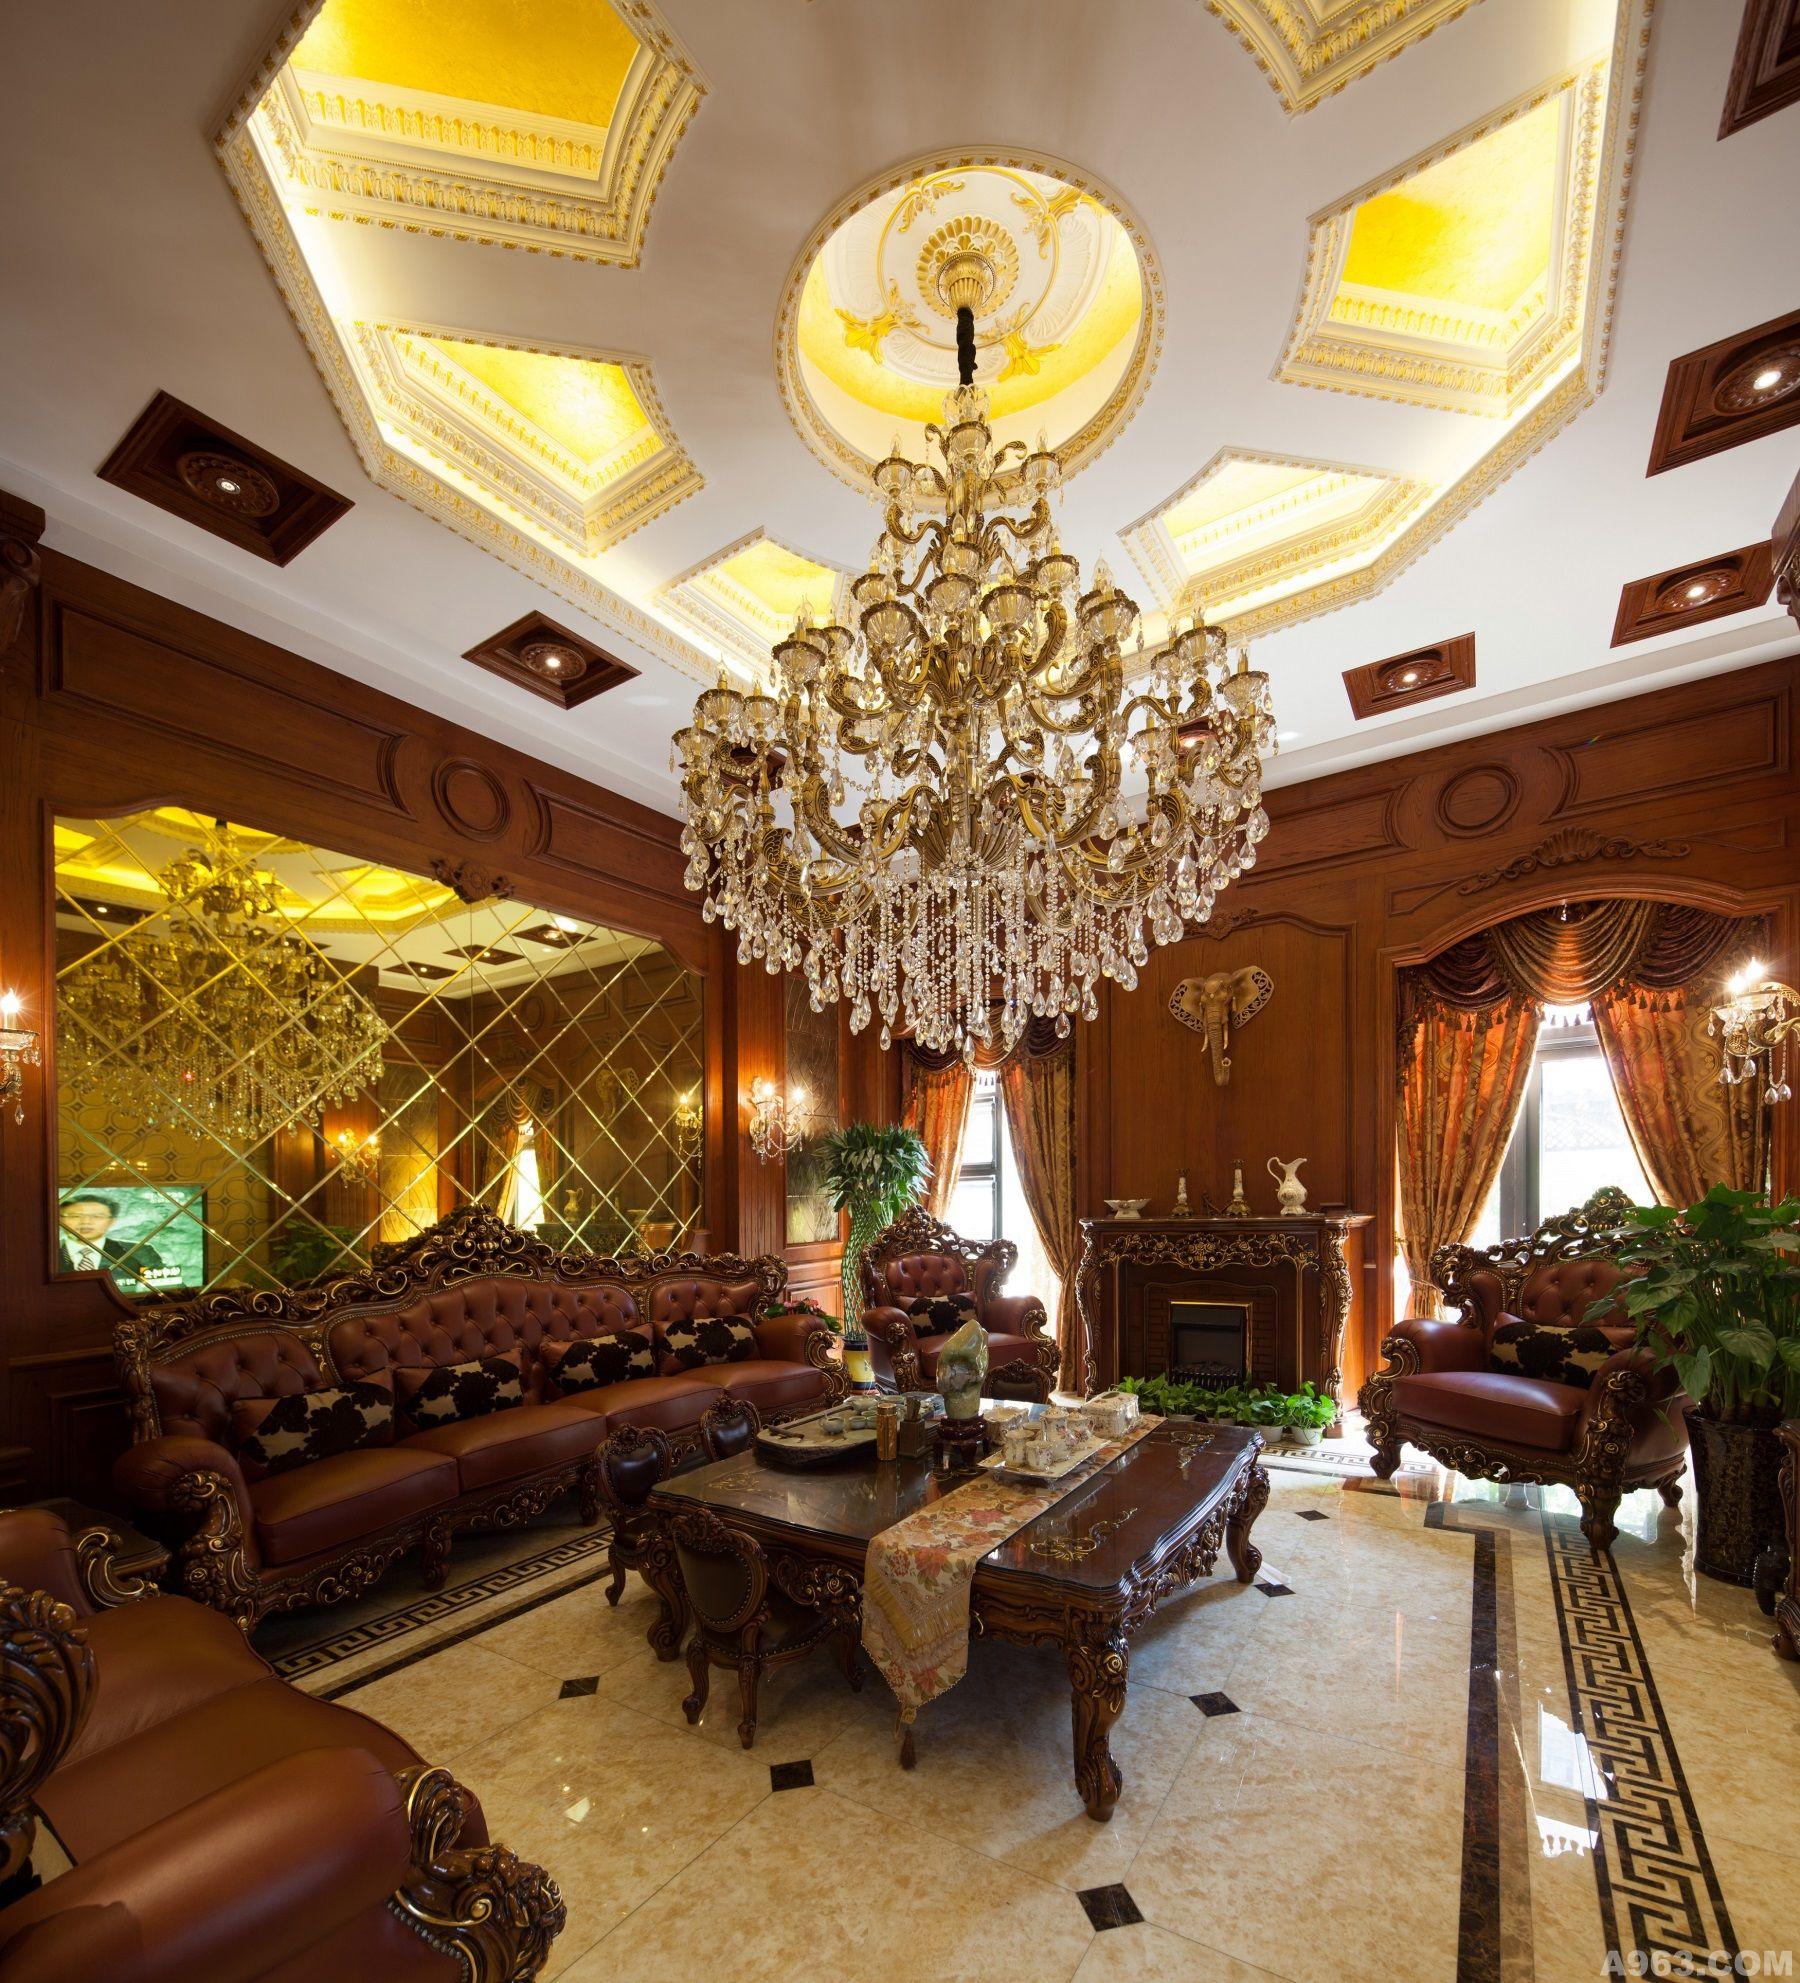 很多人觉得,越是空间大的房子设计起来或许更容易些,其实不尽然,大空间对于家的层次感,生活温馨感和违和感的要求更高,更需要通过设计的专业度和精致来将大大的房子变成鲜活灵动的家,让生活的剪影浓缩其中,让对美好居住需求的愿景在家里芳香自溢。这对设计师的专业度和阅历都有很高的要求,在宿允爽的这套作品中,他的深厚功底和自己对生活的感悟和对设计的追求,都体现的淋漓尽致。 品酒区: 作为调节情绪的最佳催化剂,音乐与美酒之间的确有着不少彼此相通的动人之处,而在享受的世界中,定当要为美酒找一处栖身,成为主人得以情绪飞驰的空